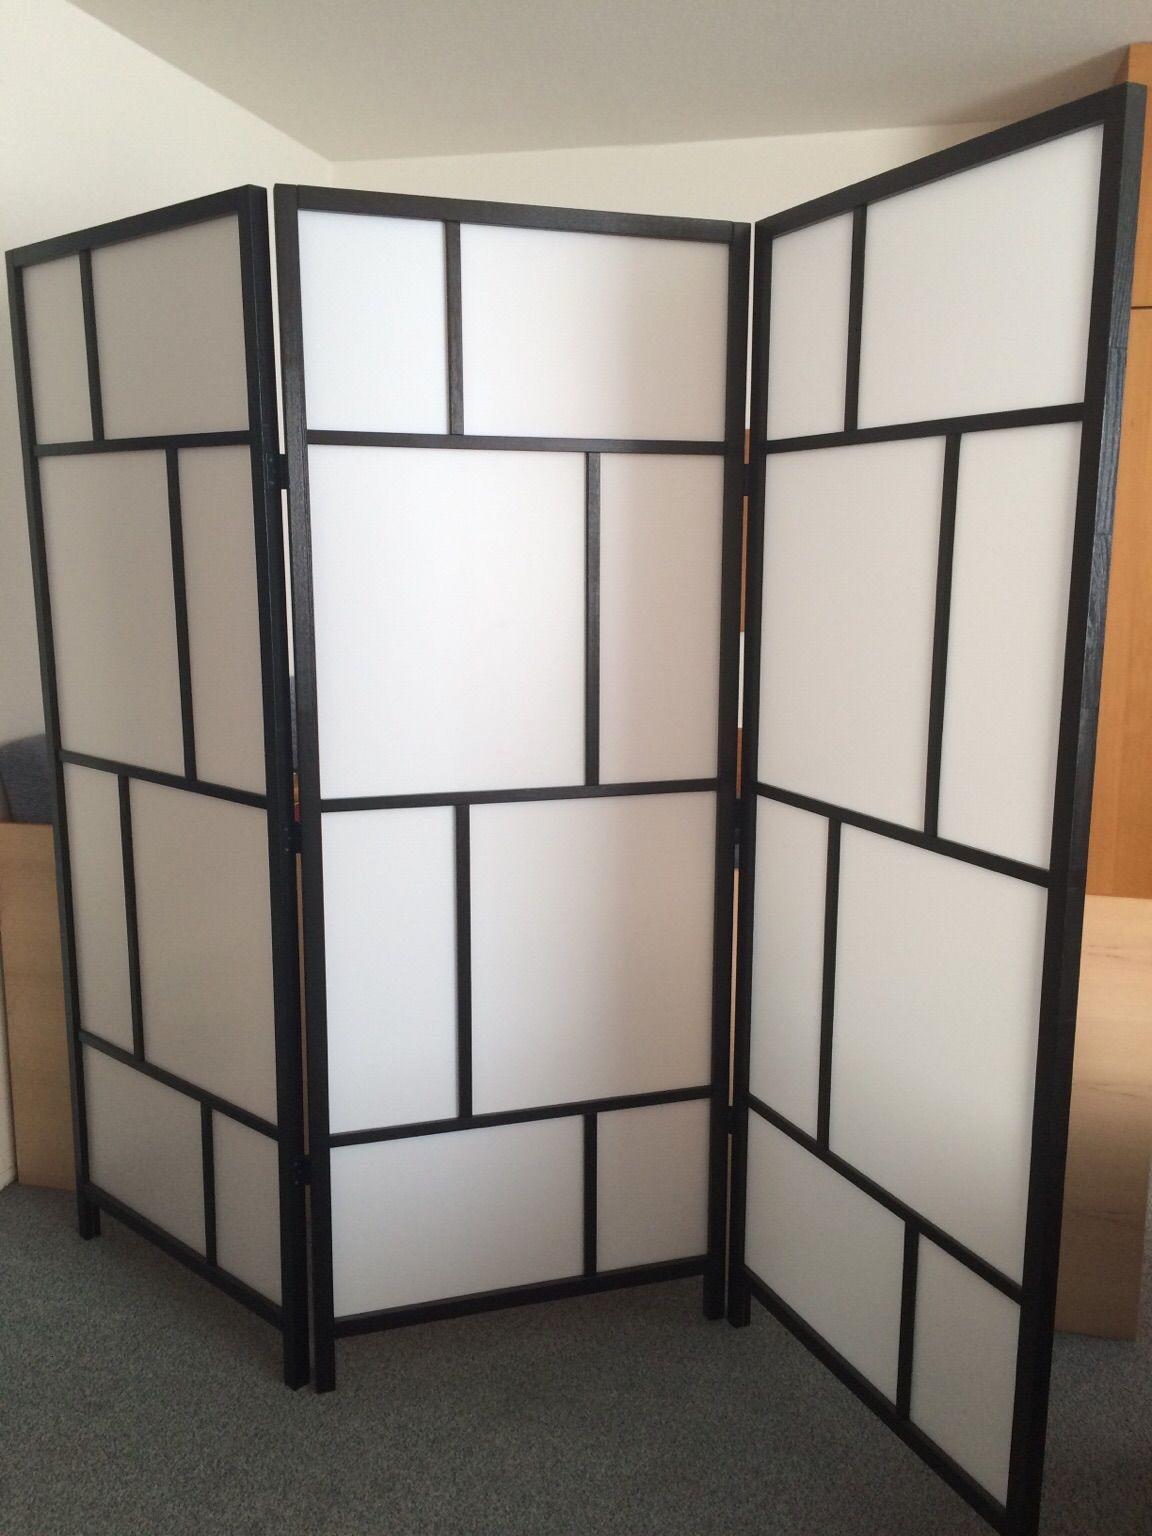 Pan Japonais Ikea Unique Photos Maison 4 Pans Moderne Interesting Porte D Entre Pour Maison Pans